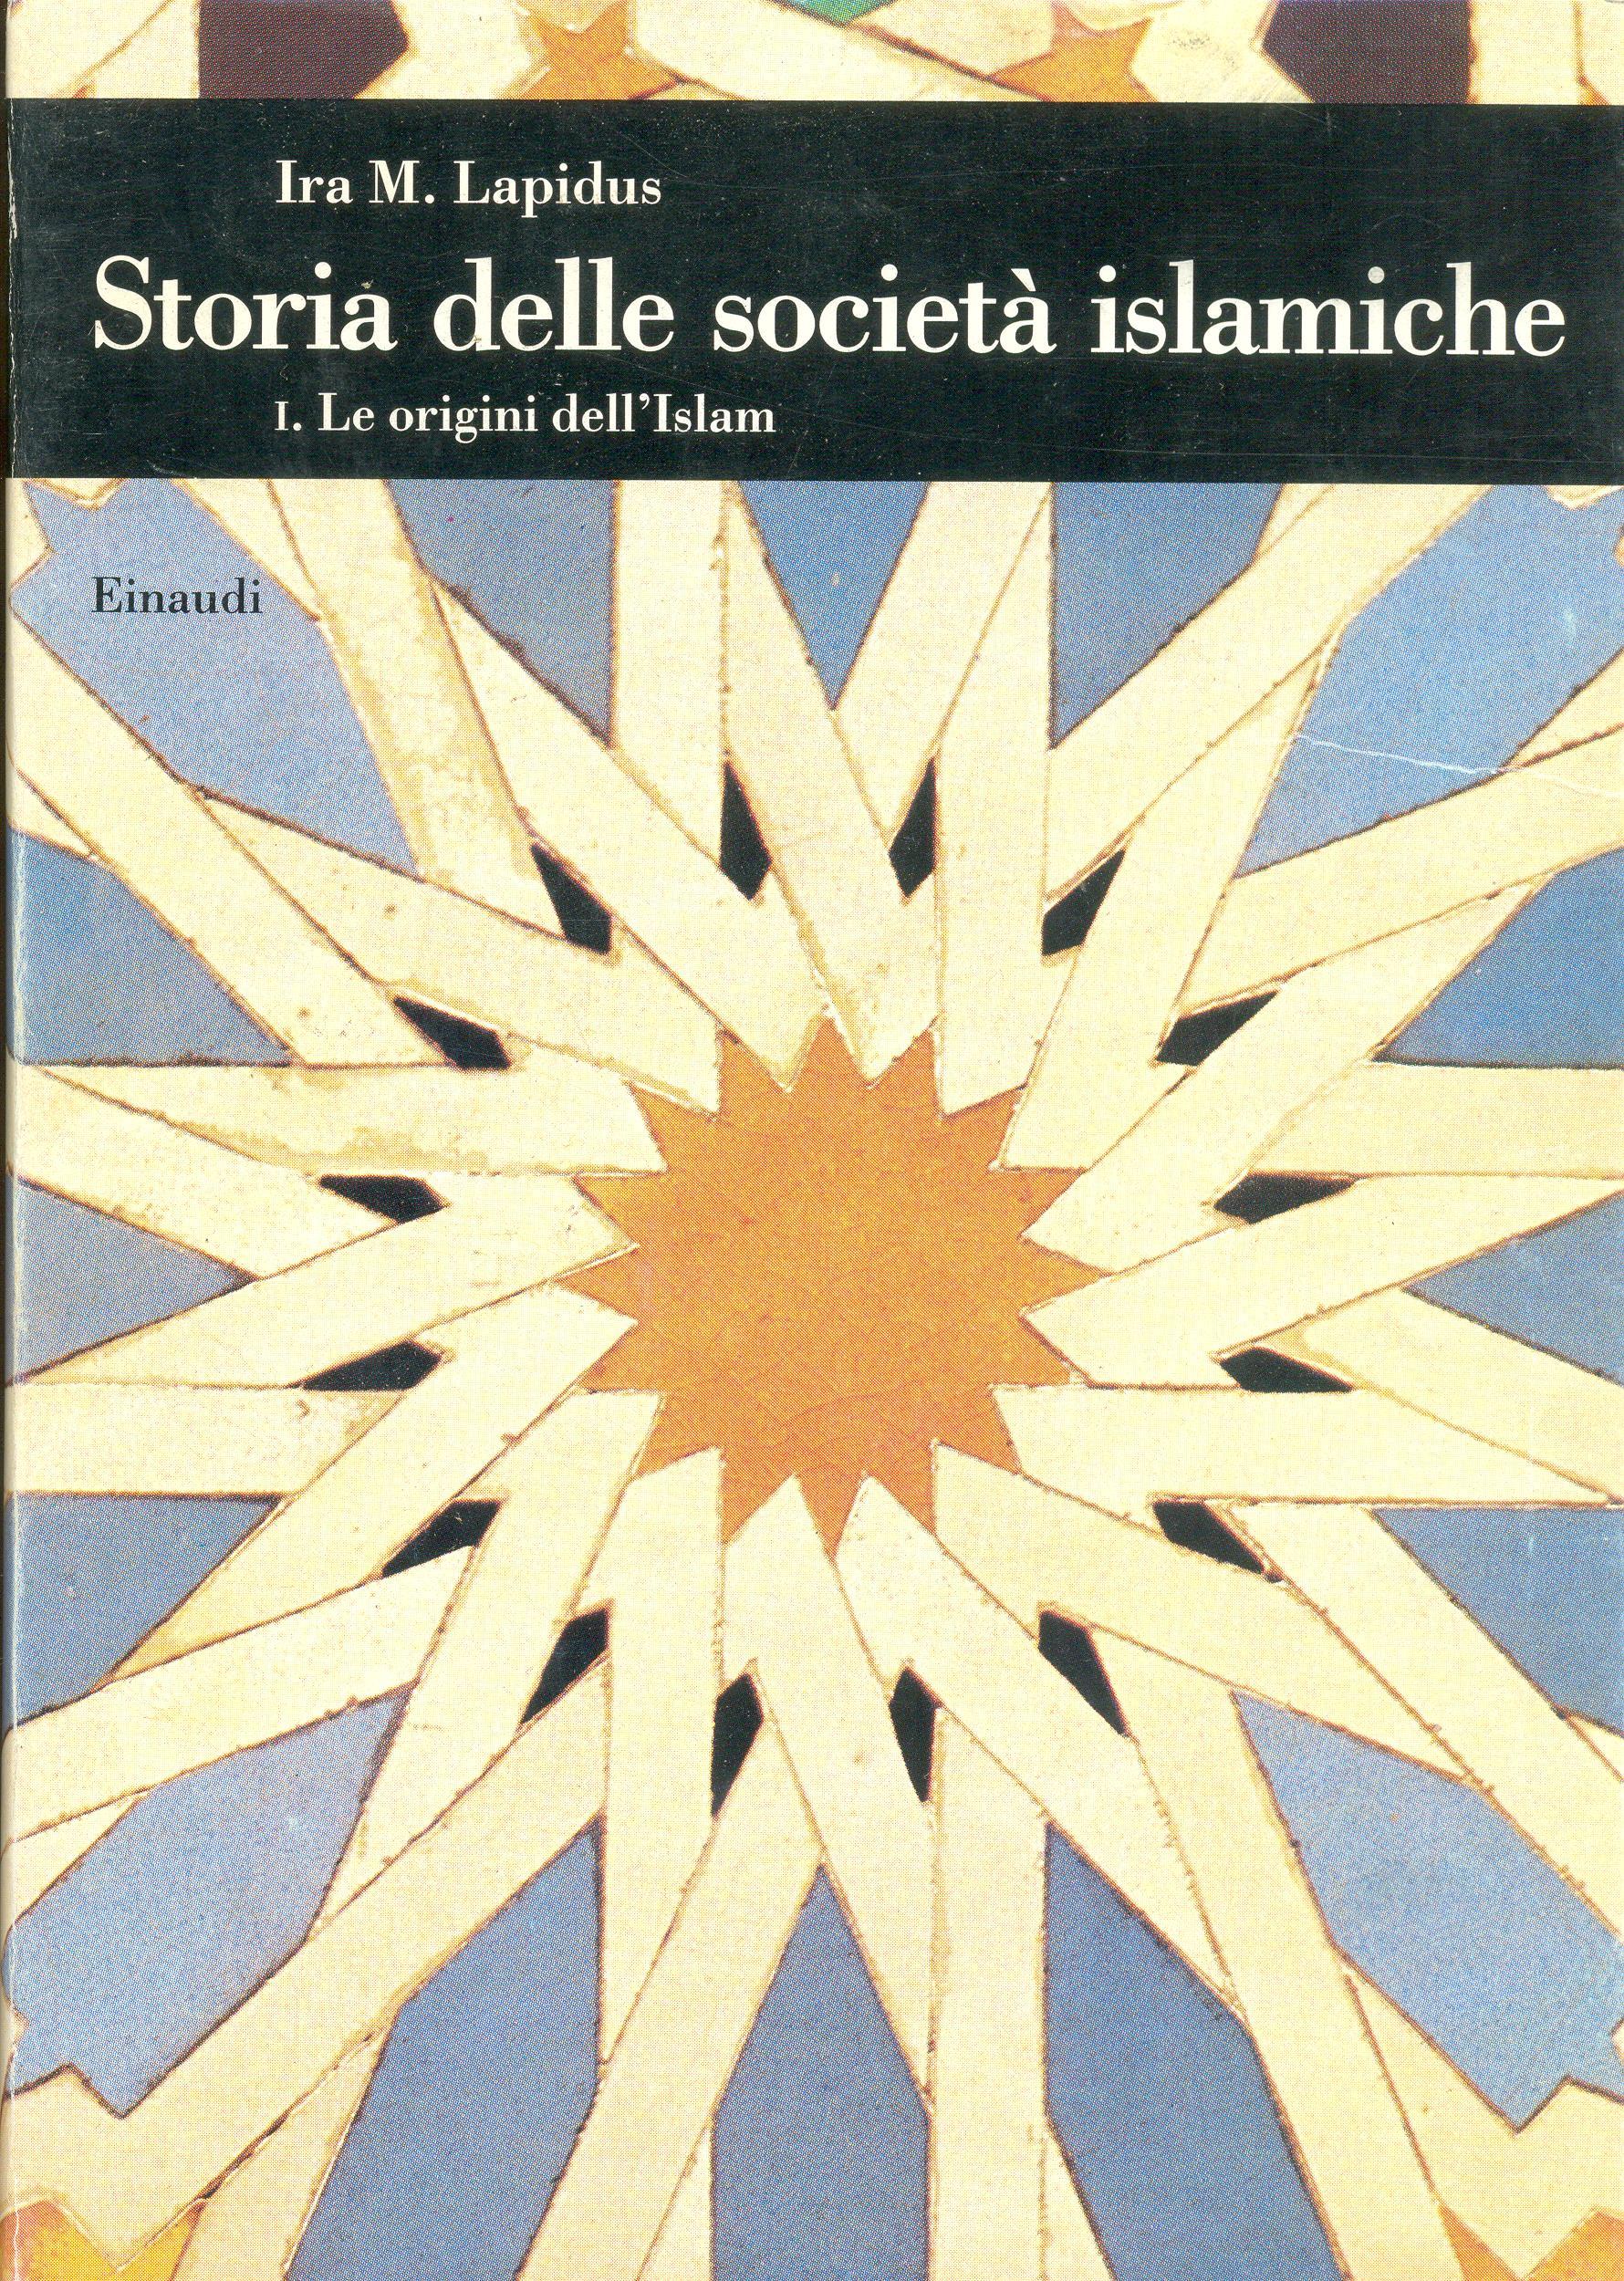 Storia delle società islamiche / Le origini dell'islam, secoli VII-XIII